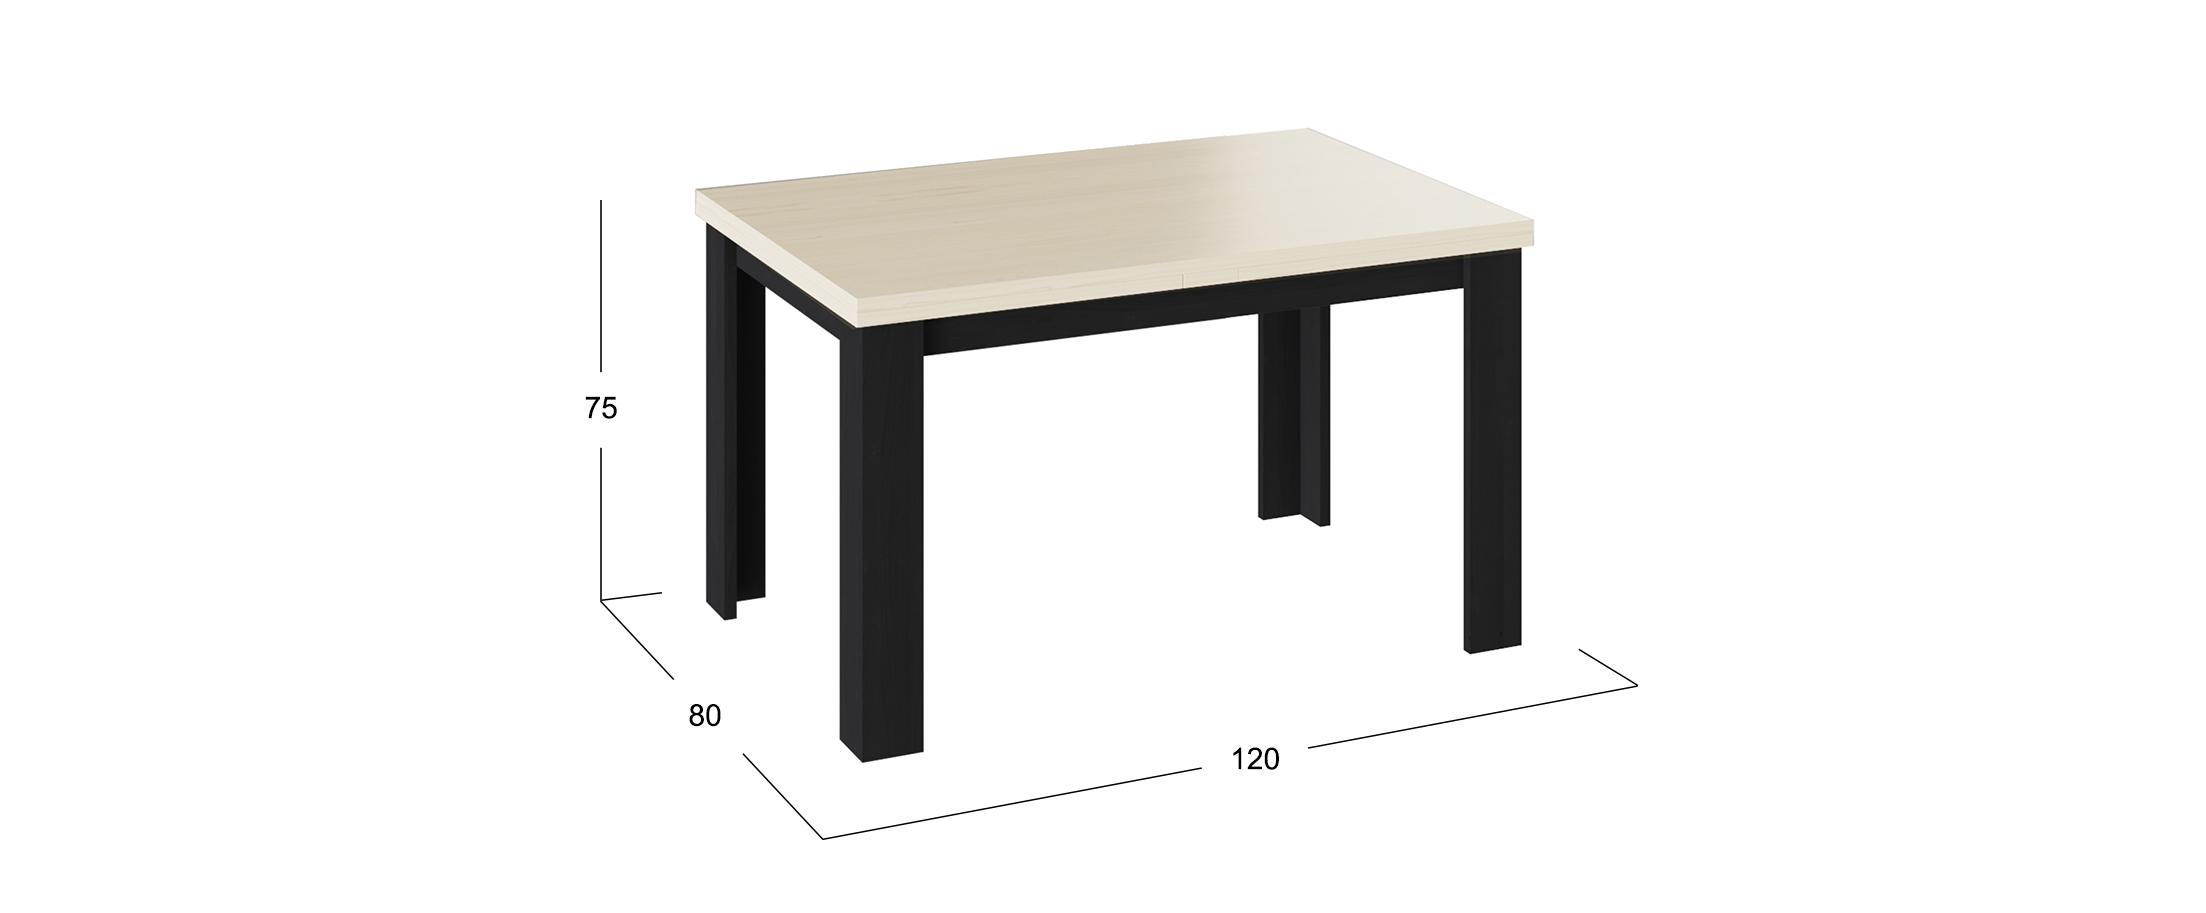 Стол обеденный Хьюстон тип 2